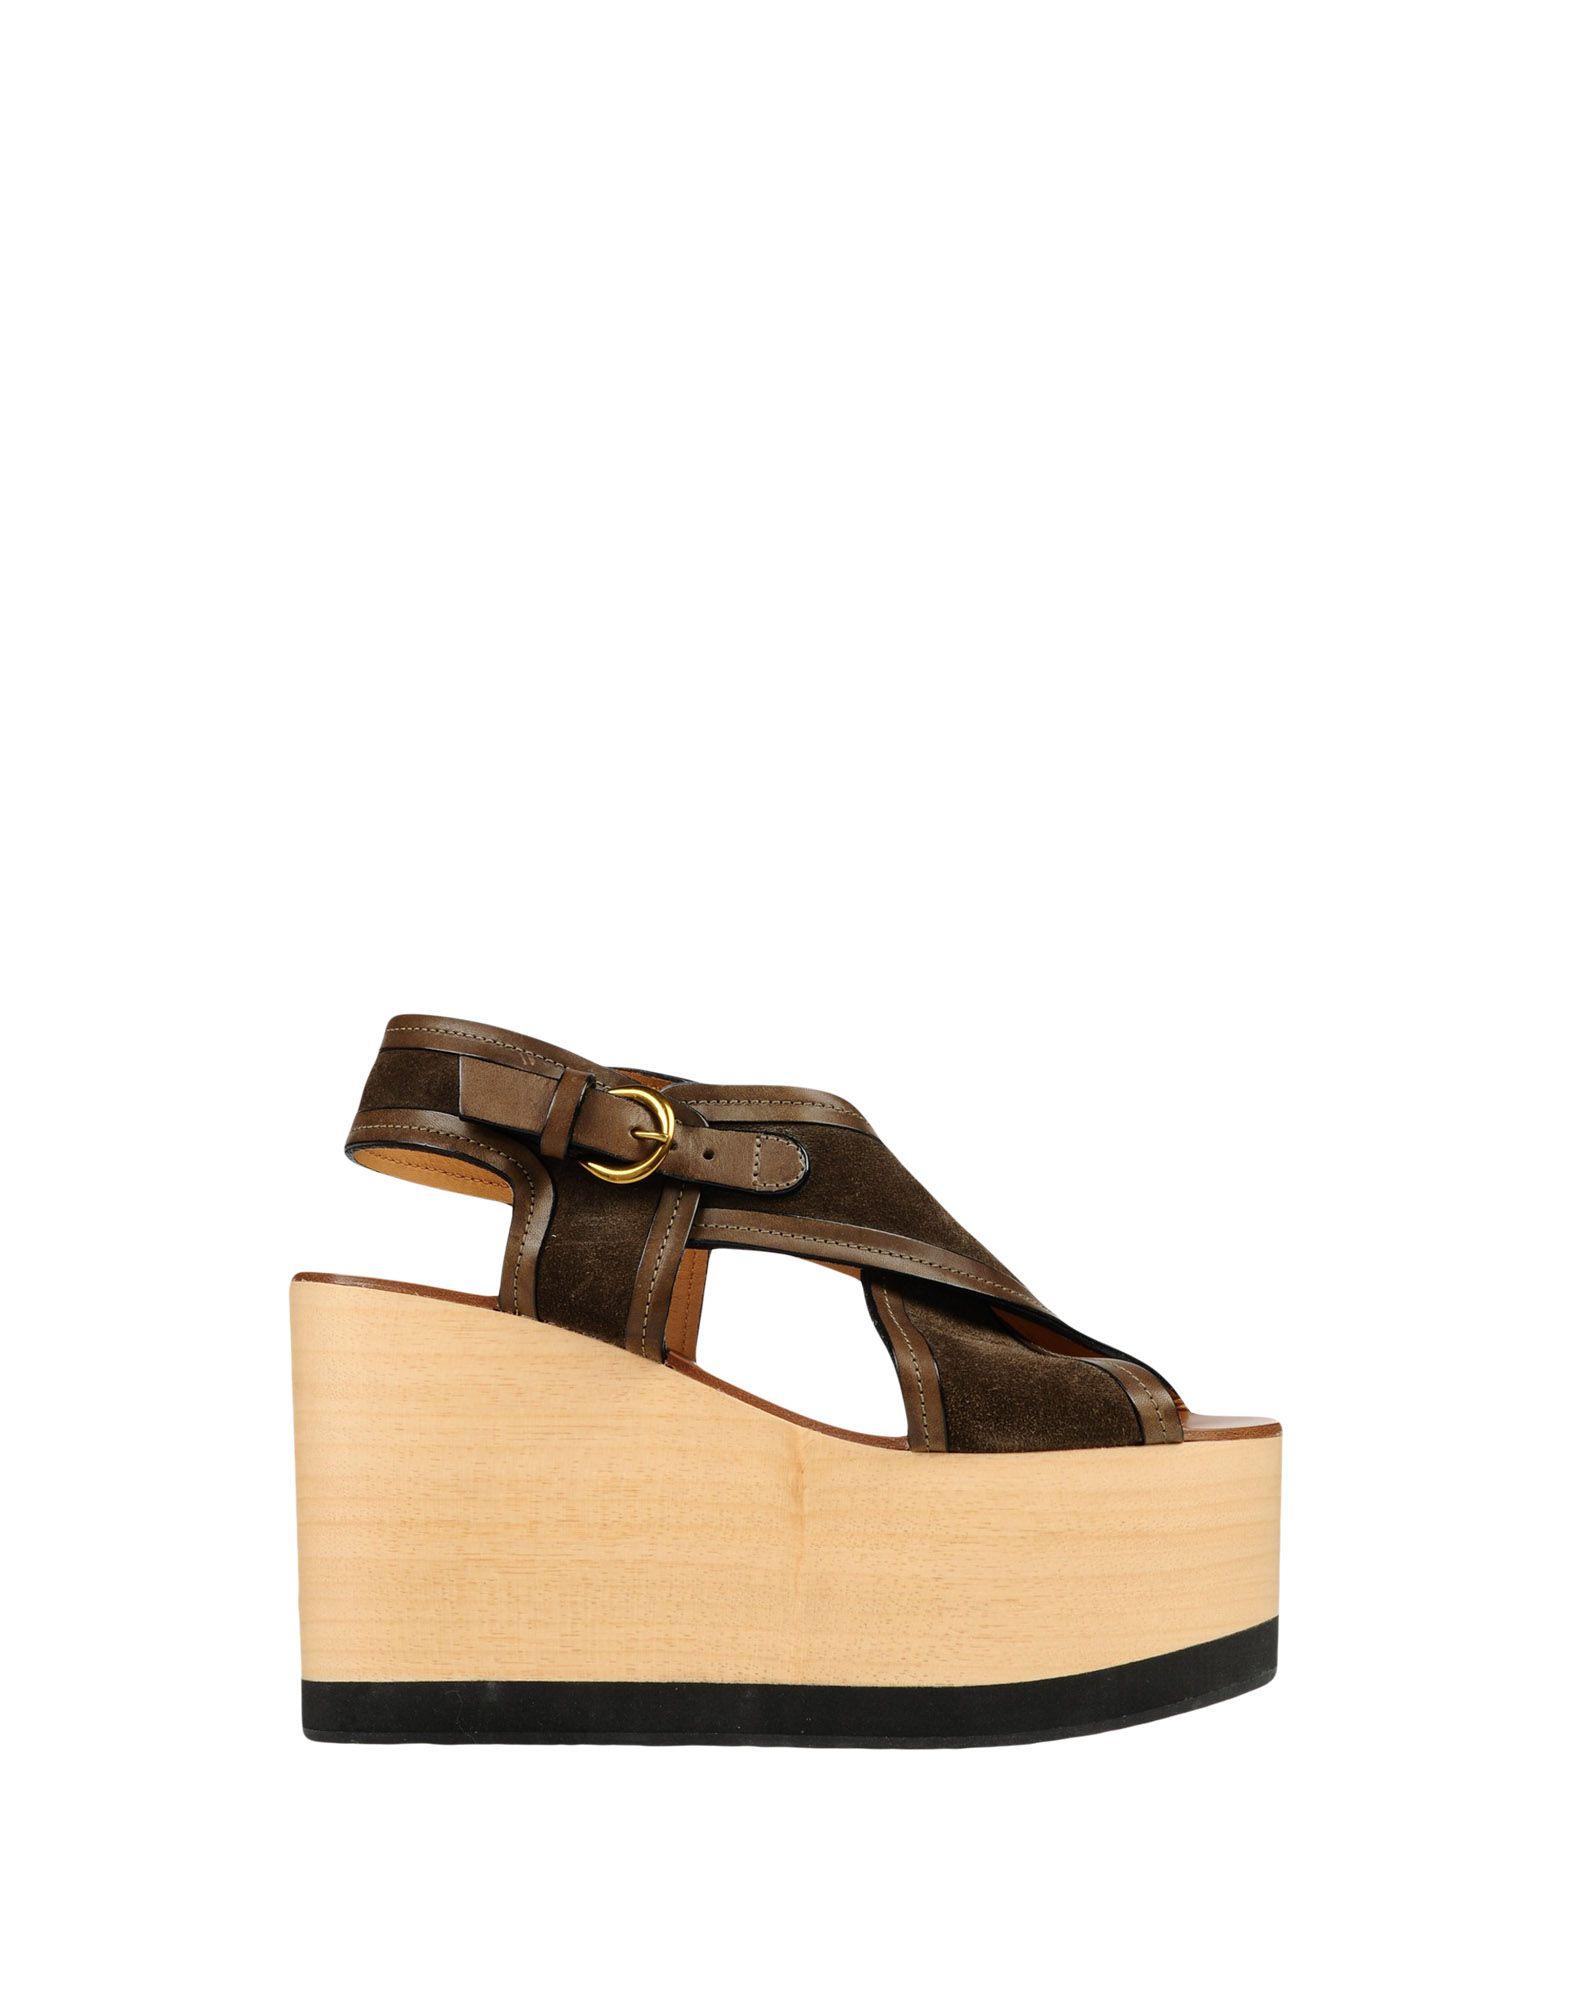 Isabel Damen Marant Sandalen Damen Isabel  11401324TVGut aussehende strapazierfähige Schuhe c86614